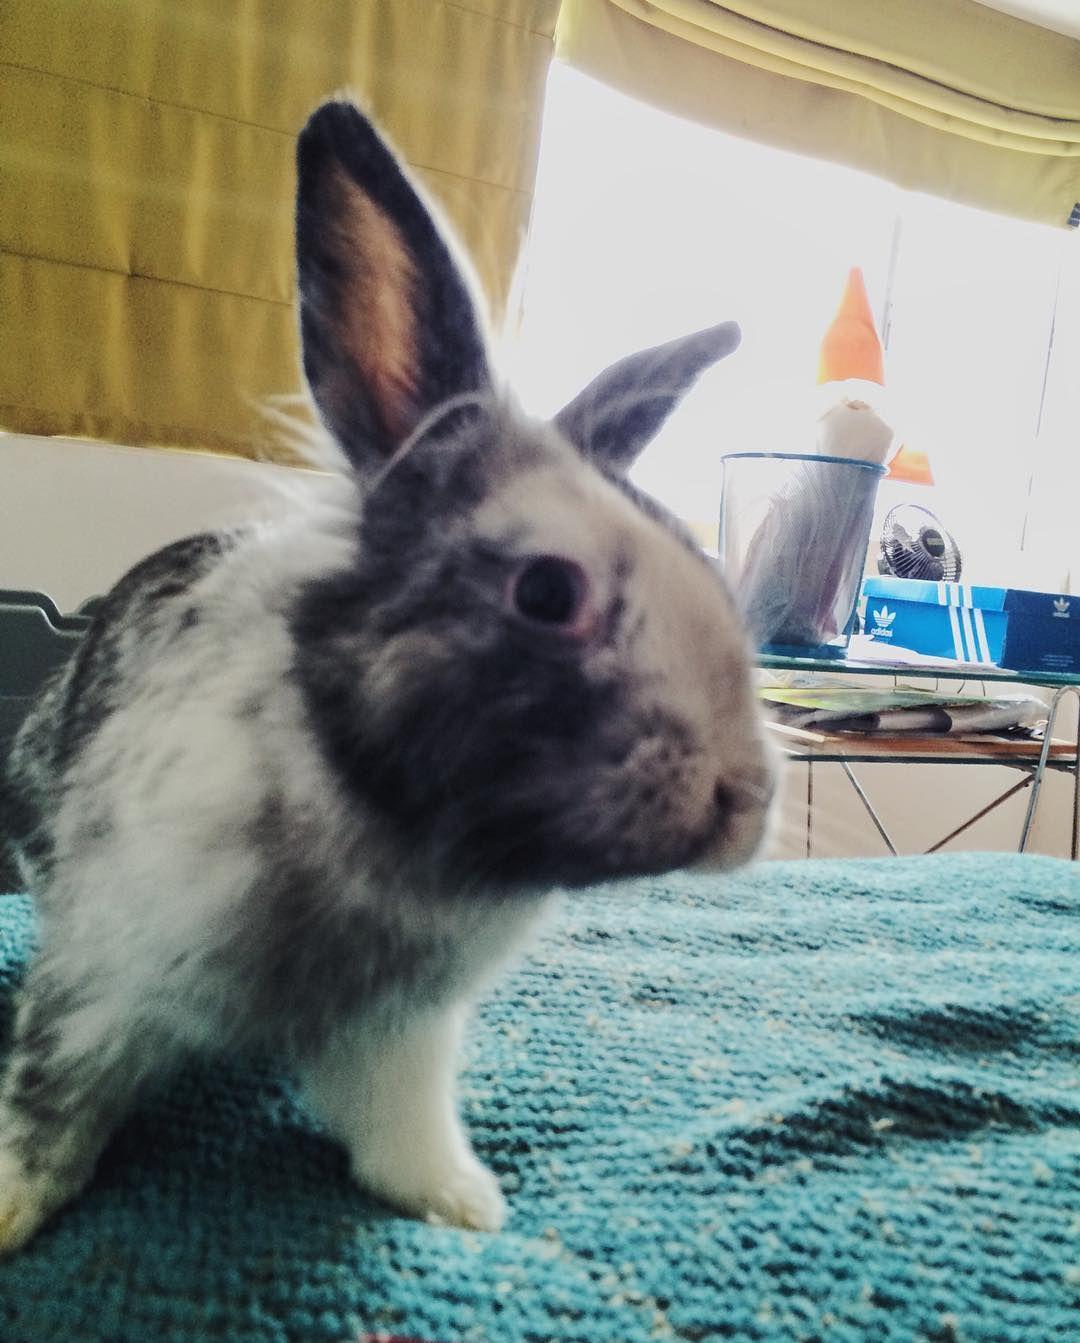 Me comí el cargador del celular de @rodolfinbr  #bunnystagram#bunnygram#bunnyears#bunniesofinstagram#bunnylove#bunny#bunnies#bunnylife#bunnyrabbit#rabbit#rabbits#rabbitsworldwide#hoppy by colombofeliz